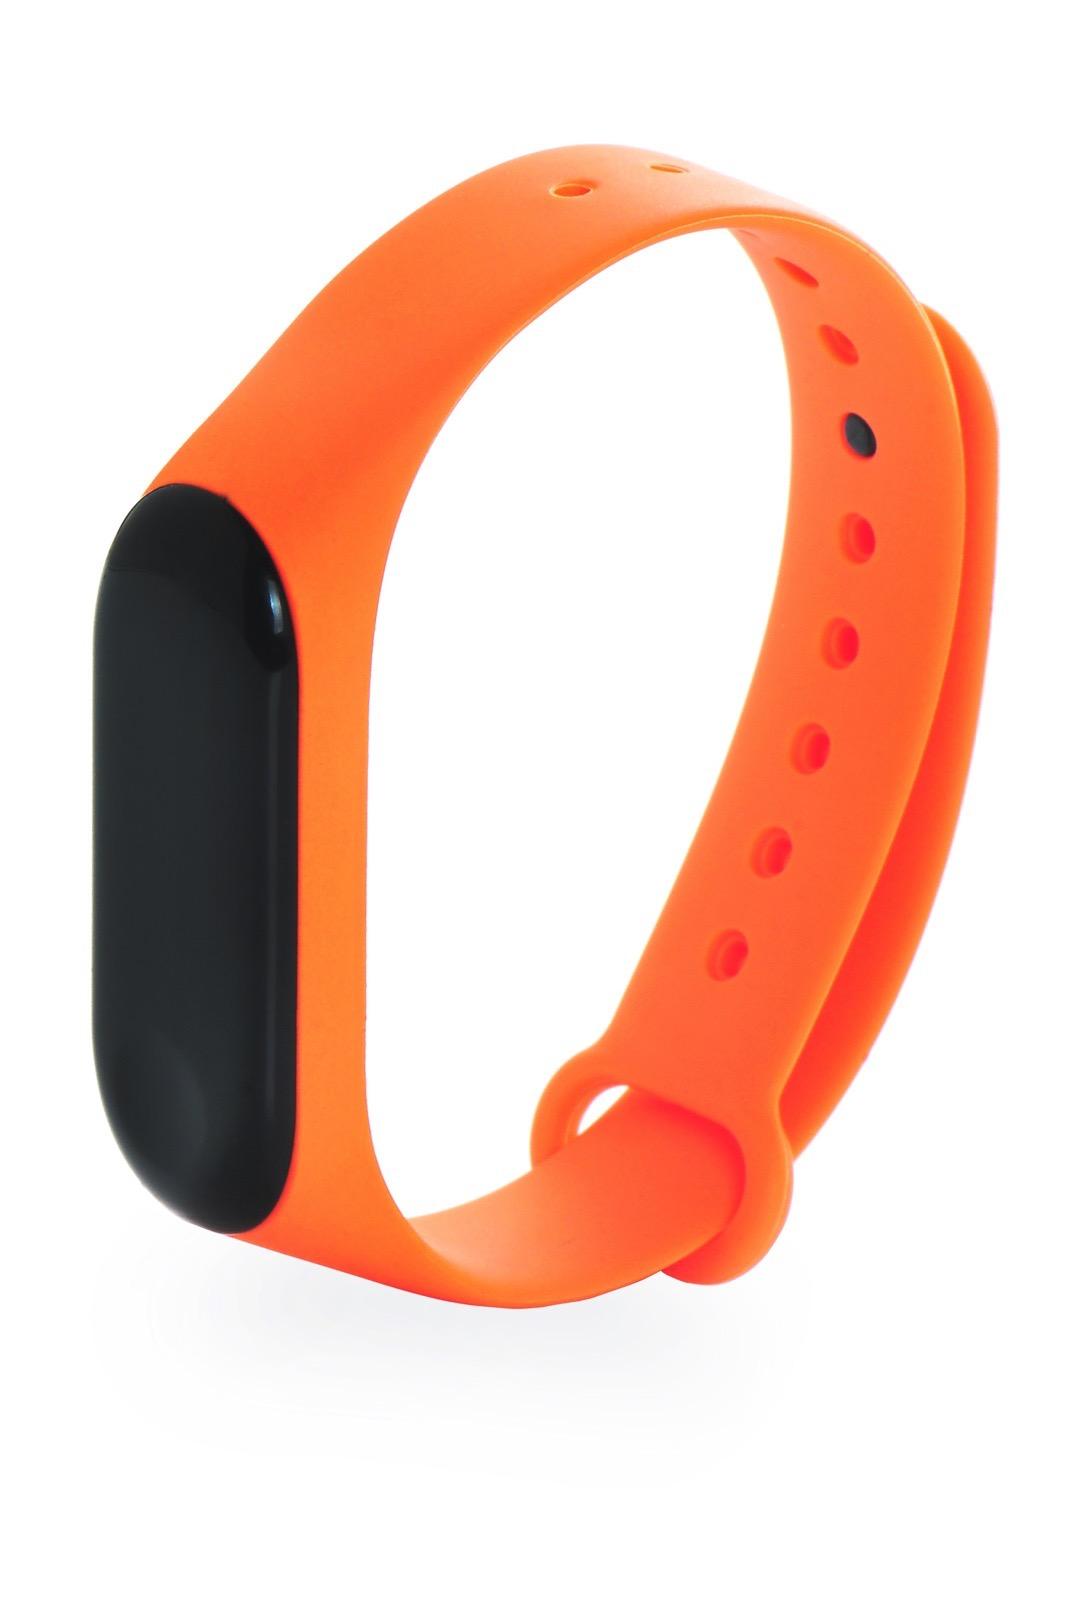 Ремешок для смарт-часов Gurdini силиконовый 908135 для фитнес браслета Xiaomi Mi Band 3/Mi Band 4, оранжевый цена и фото